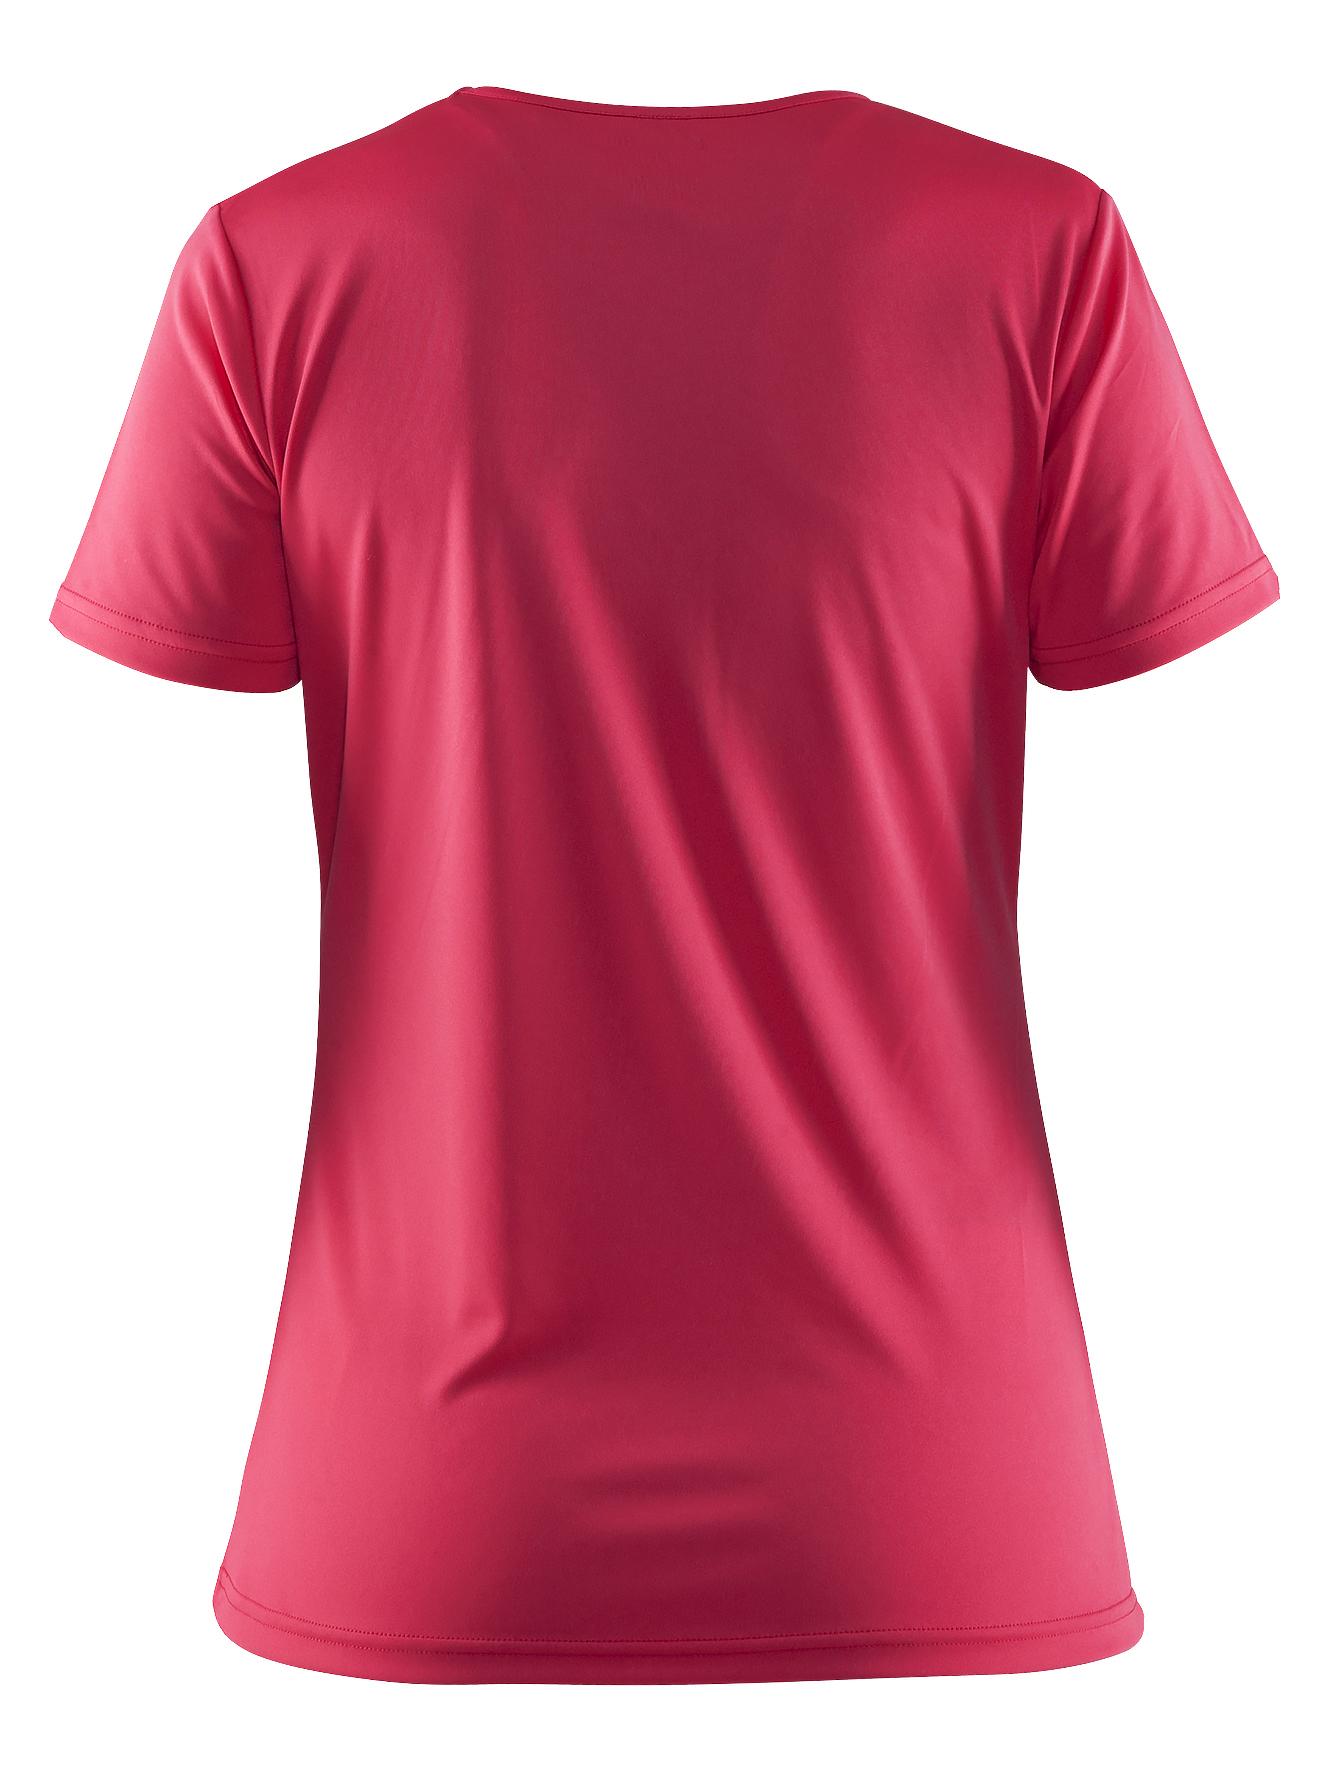 CRAFT PRIME RUN LOGO женская беговая футболка - 2